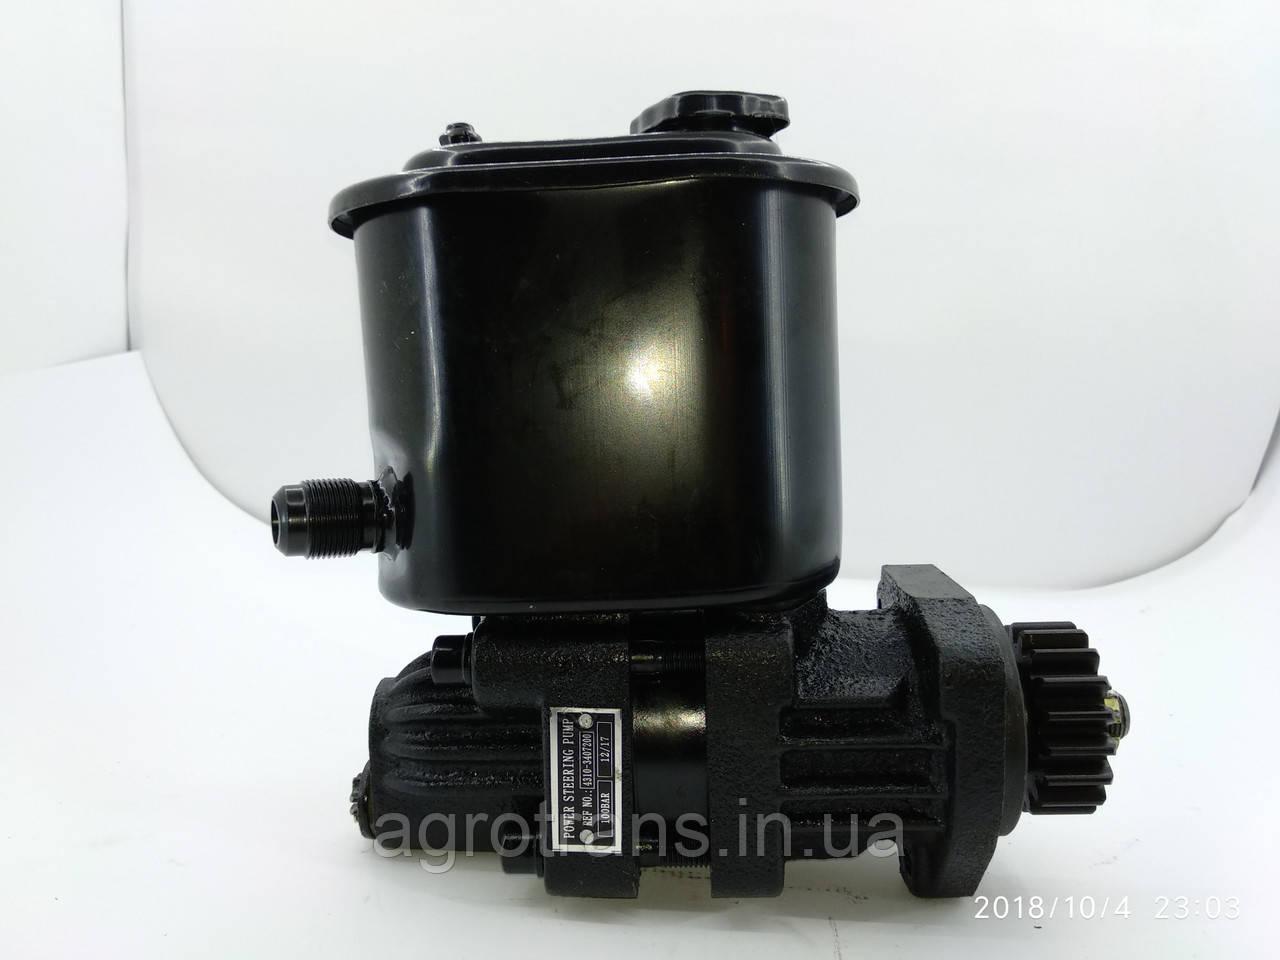 Насос гидроусилителя руля КАМАЗ 4310-3407200-01. Насос гідропідсилювача керма КАМАЗ